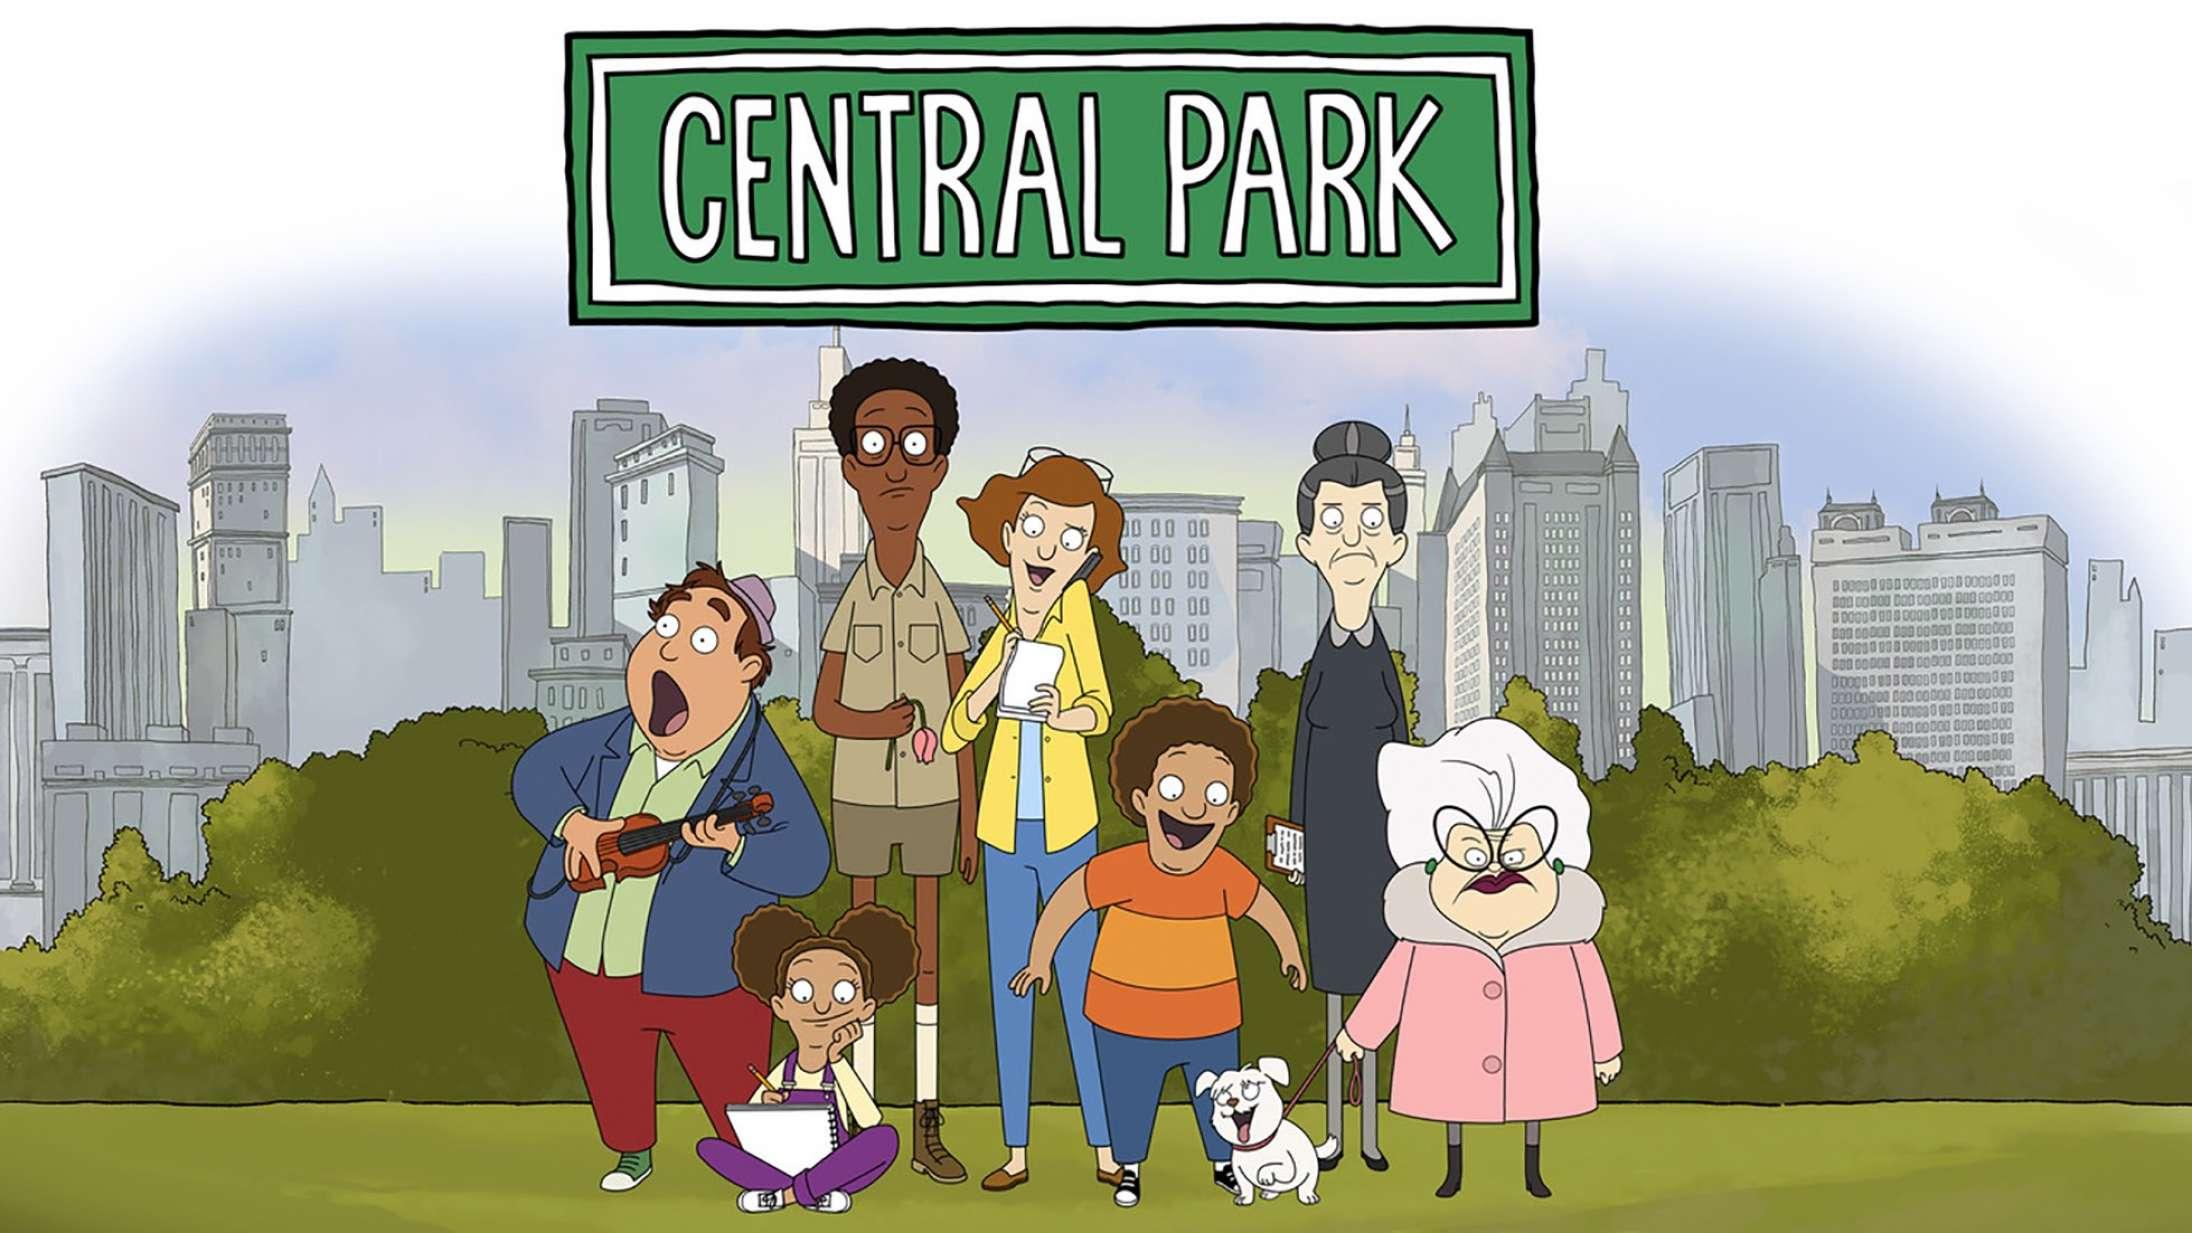 'Central Park' sæson 1: Ny animationsserie fra 'Bob's Burger'-skaber drukner i musicalindslag